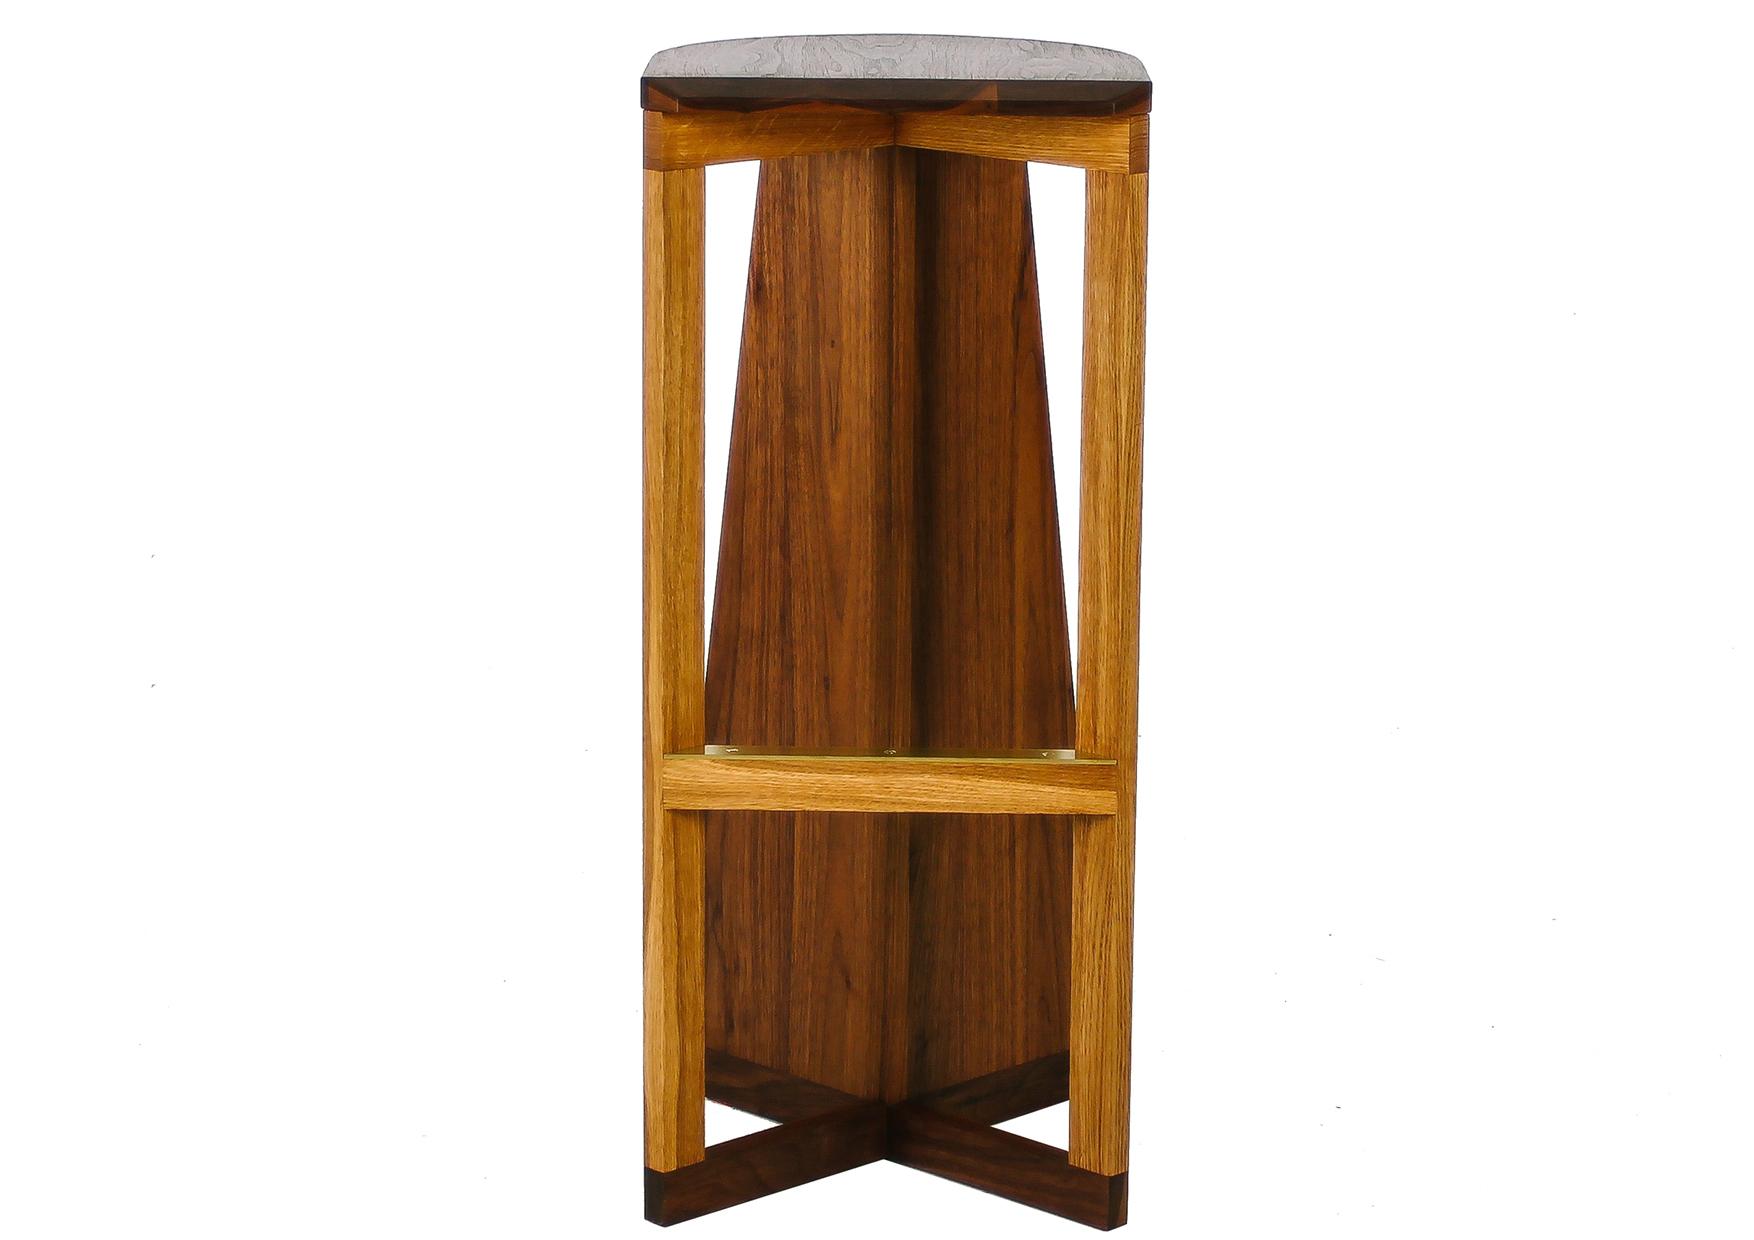 Барный стул Massive FlyБарные стулья<br>Высокий табурет из массива американского ореха с необычным полукруглым сидением. Латунная деталь добавляет веса и устойчивости барному стулу и продлевает его срок службы. Этот барный стул называется Massive Fly, потому что его задние ножки это не ножки, это крылья невиданного насекомого.&amp;amp;nbsp;<br><br>Material: Орех<br>Width см: 32<br>Depth см: 32<br>Height см: 75